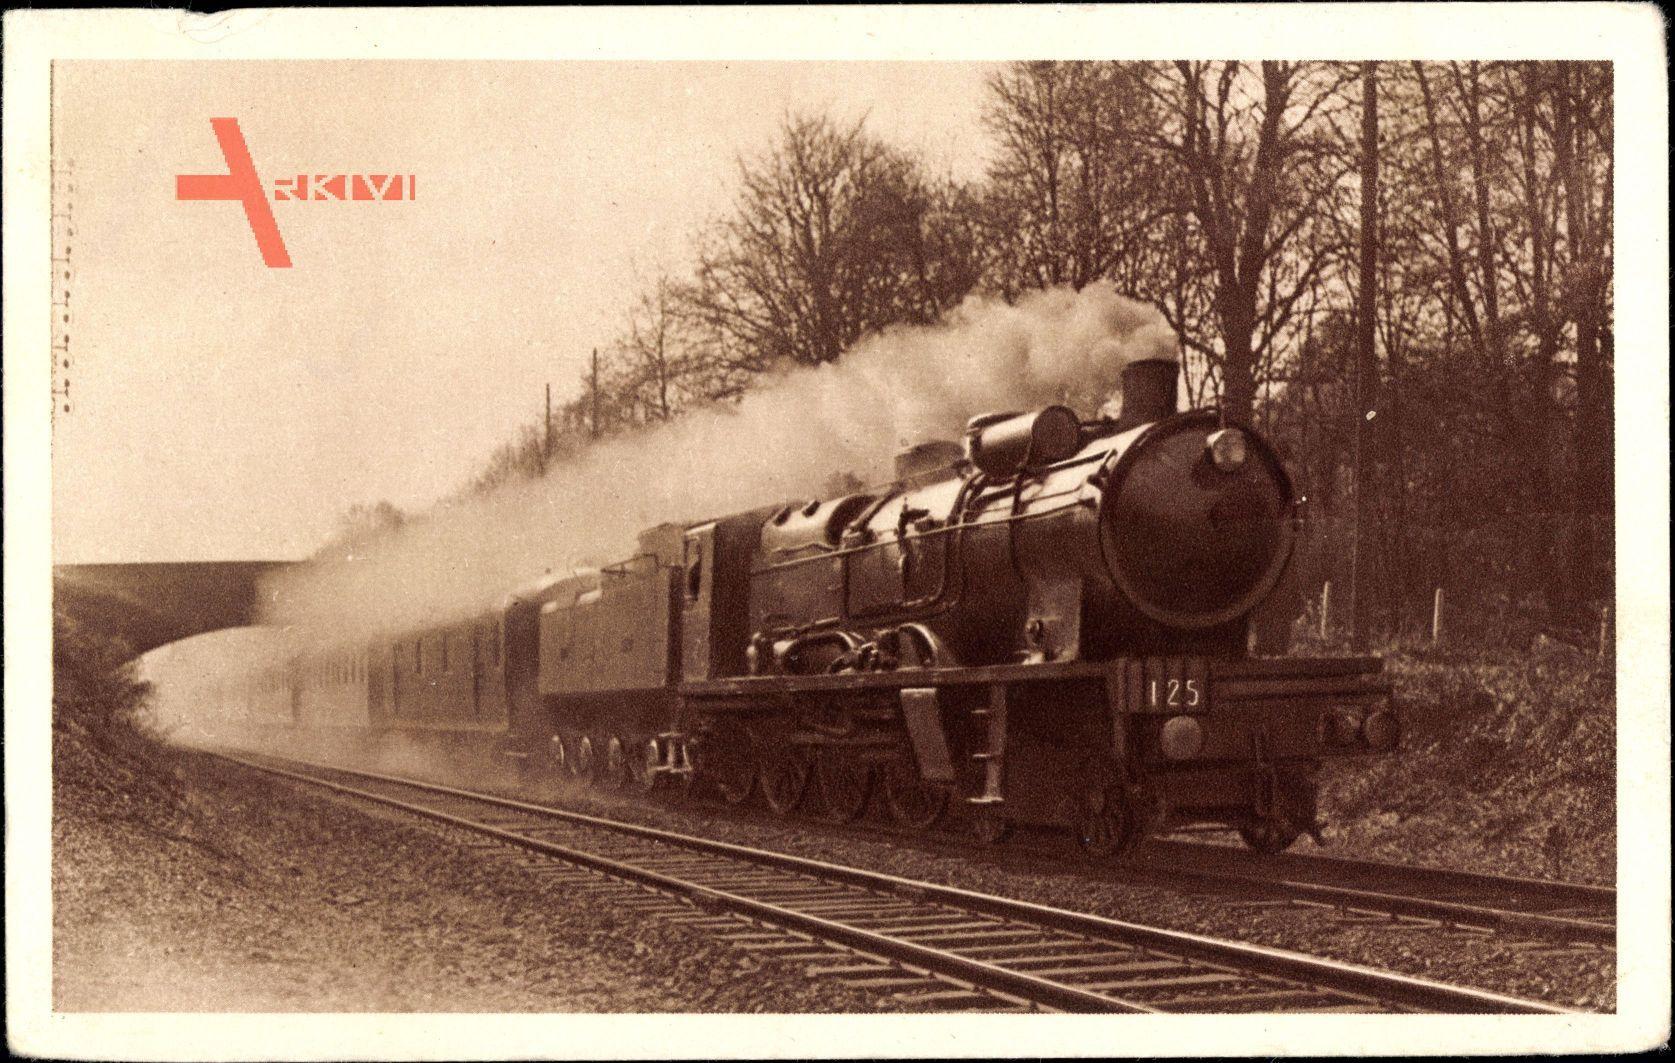 Französische Eisenbahn, Chemin de fer, Locomotive, Nord, Paris Liége, 125